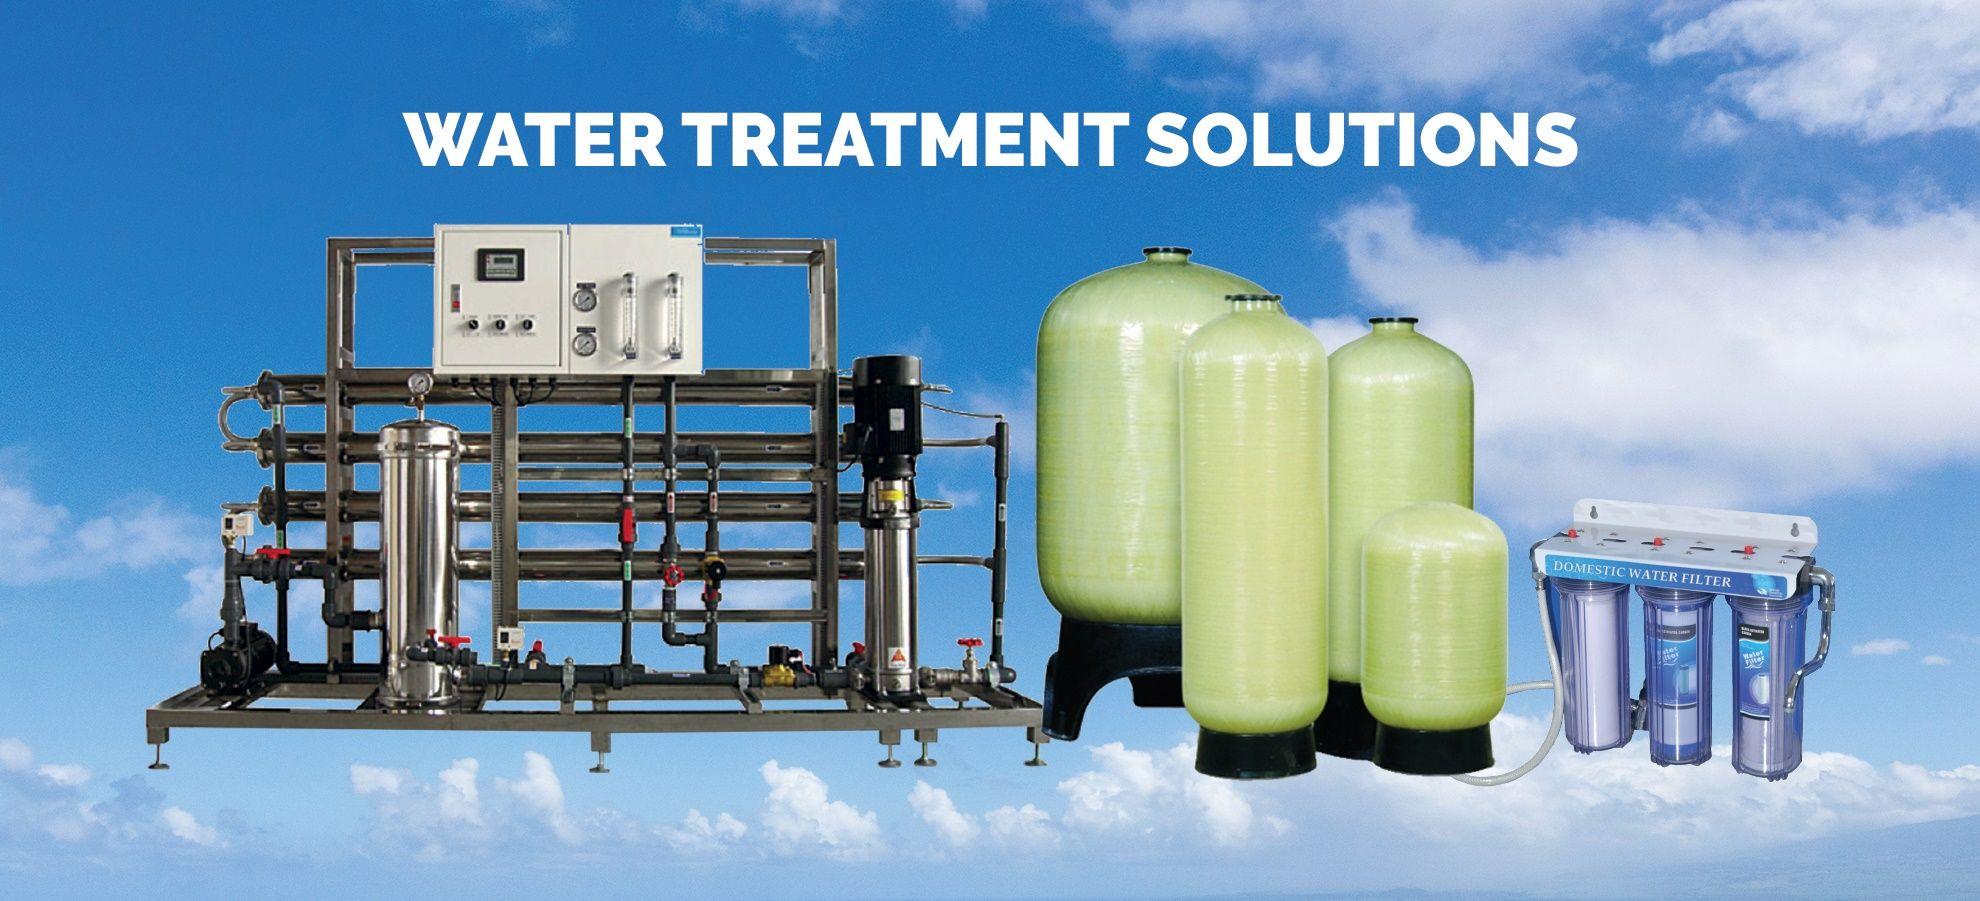 Pin By Transafrica Water Ltd On Www Transafricawater Com Water Treatment Treatment Water